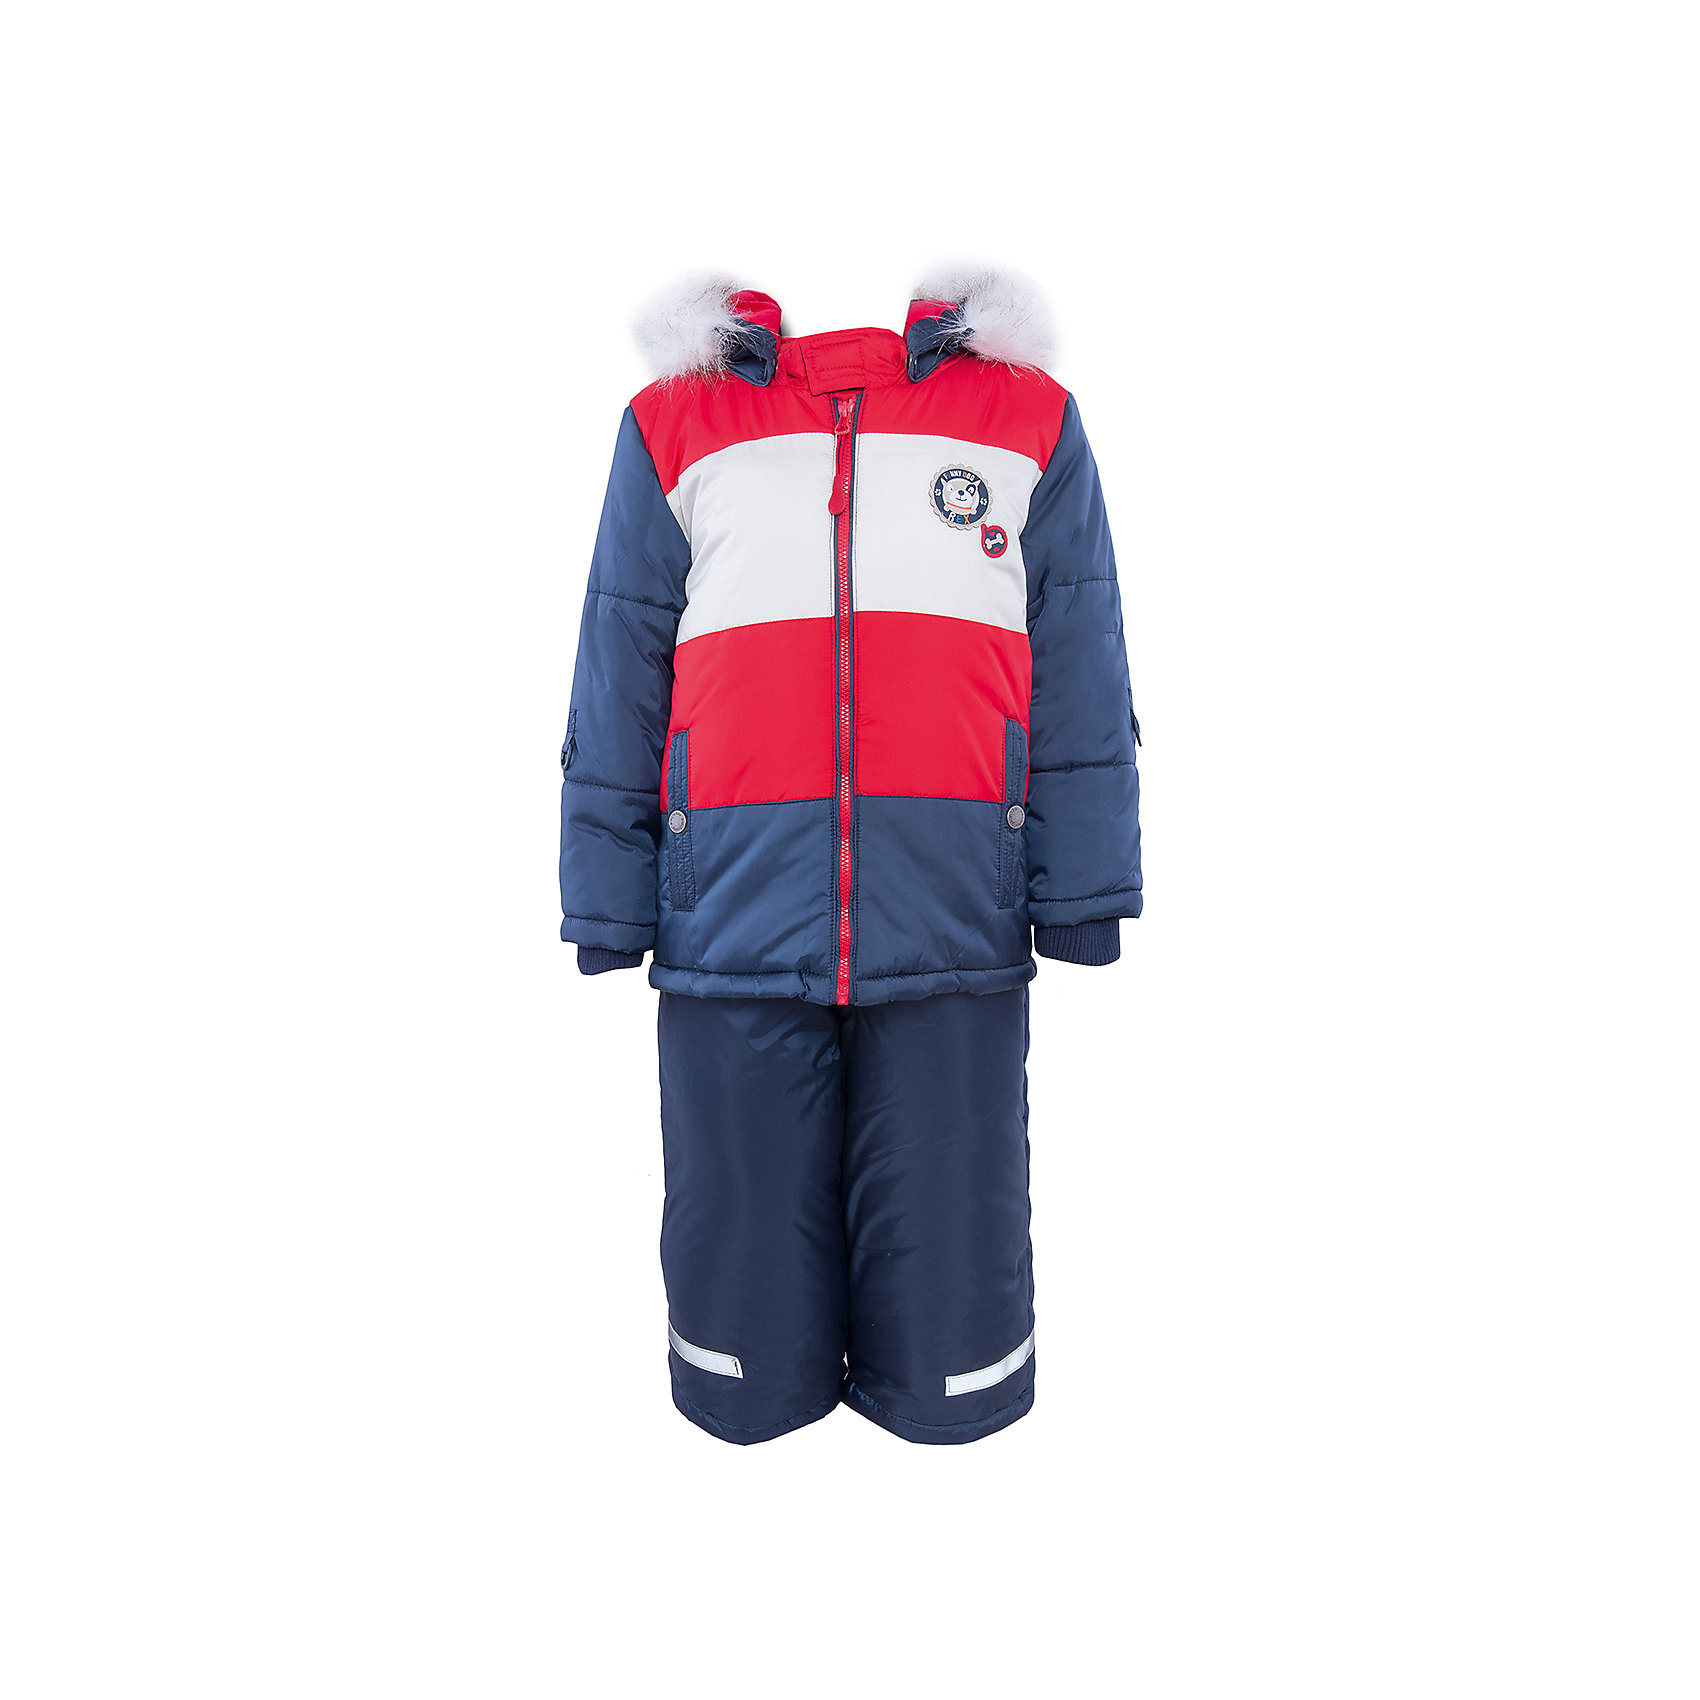 Комплект: куртка и полукомбинезон для мальчика PlayTodayКомплект: куртка и полукомбинезон для мальчика от известного бренда PlayToday.<br>Теплый комплект из стеганой куртки и полукомбинезона. <br>Куртка застегивается на молнию. Внутри уютная велюровая подкладка. Рукава на мягкой трикотажной резинке для защиты от ветра. Есть два функциональных кармана на кнопках и светоотражатели. Внизу есть специальная вставка на резинке, пристегнув которую вы надежно защитите малыша от снега.<br>Полукомбинезон застегивается на молнию. Бретели регулируются по длине, низ штанишек утягивается стопперами. Внутри мягкая велюровая подкладка.  Двойной низ - с<br>Состав:<br>Верх: 100% полиэстер, подкладка: 80% хлопок, 20% полиэстер, Утеплитель 100% полиэстер, 300 г/м2<br><br>Ширина мм: 157<br>Глубина мм: 13<br>Высота мм: 119<br>Вес г: 200<br>Цвет: разноцветный<br>Возраст от месяцев: 6<br>Возраст до месяцев: 9<br>Пол: Мужской<br>Возраст: Детский<br>Размер: 74,92,86,80<br>SKU: 4900870